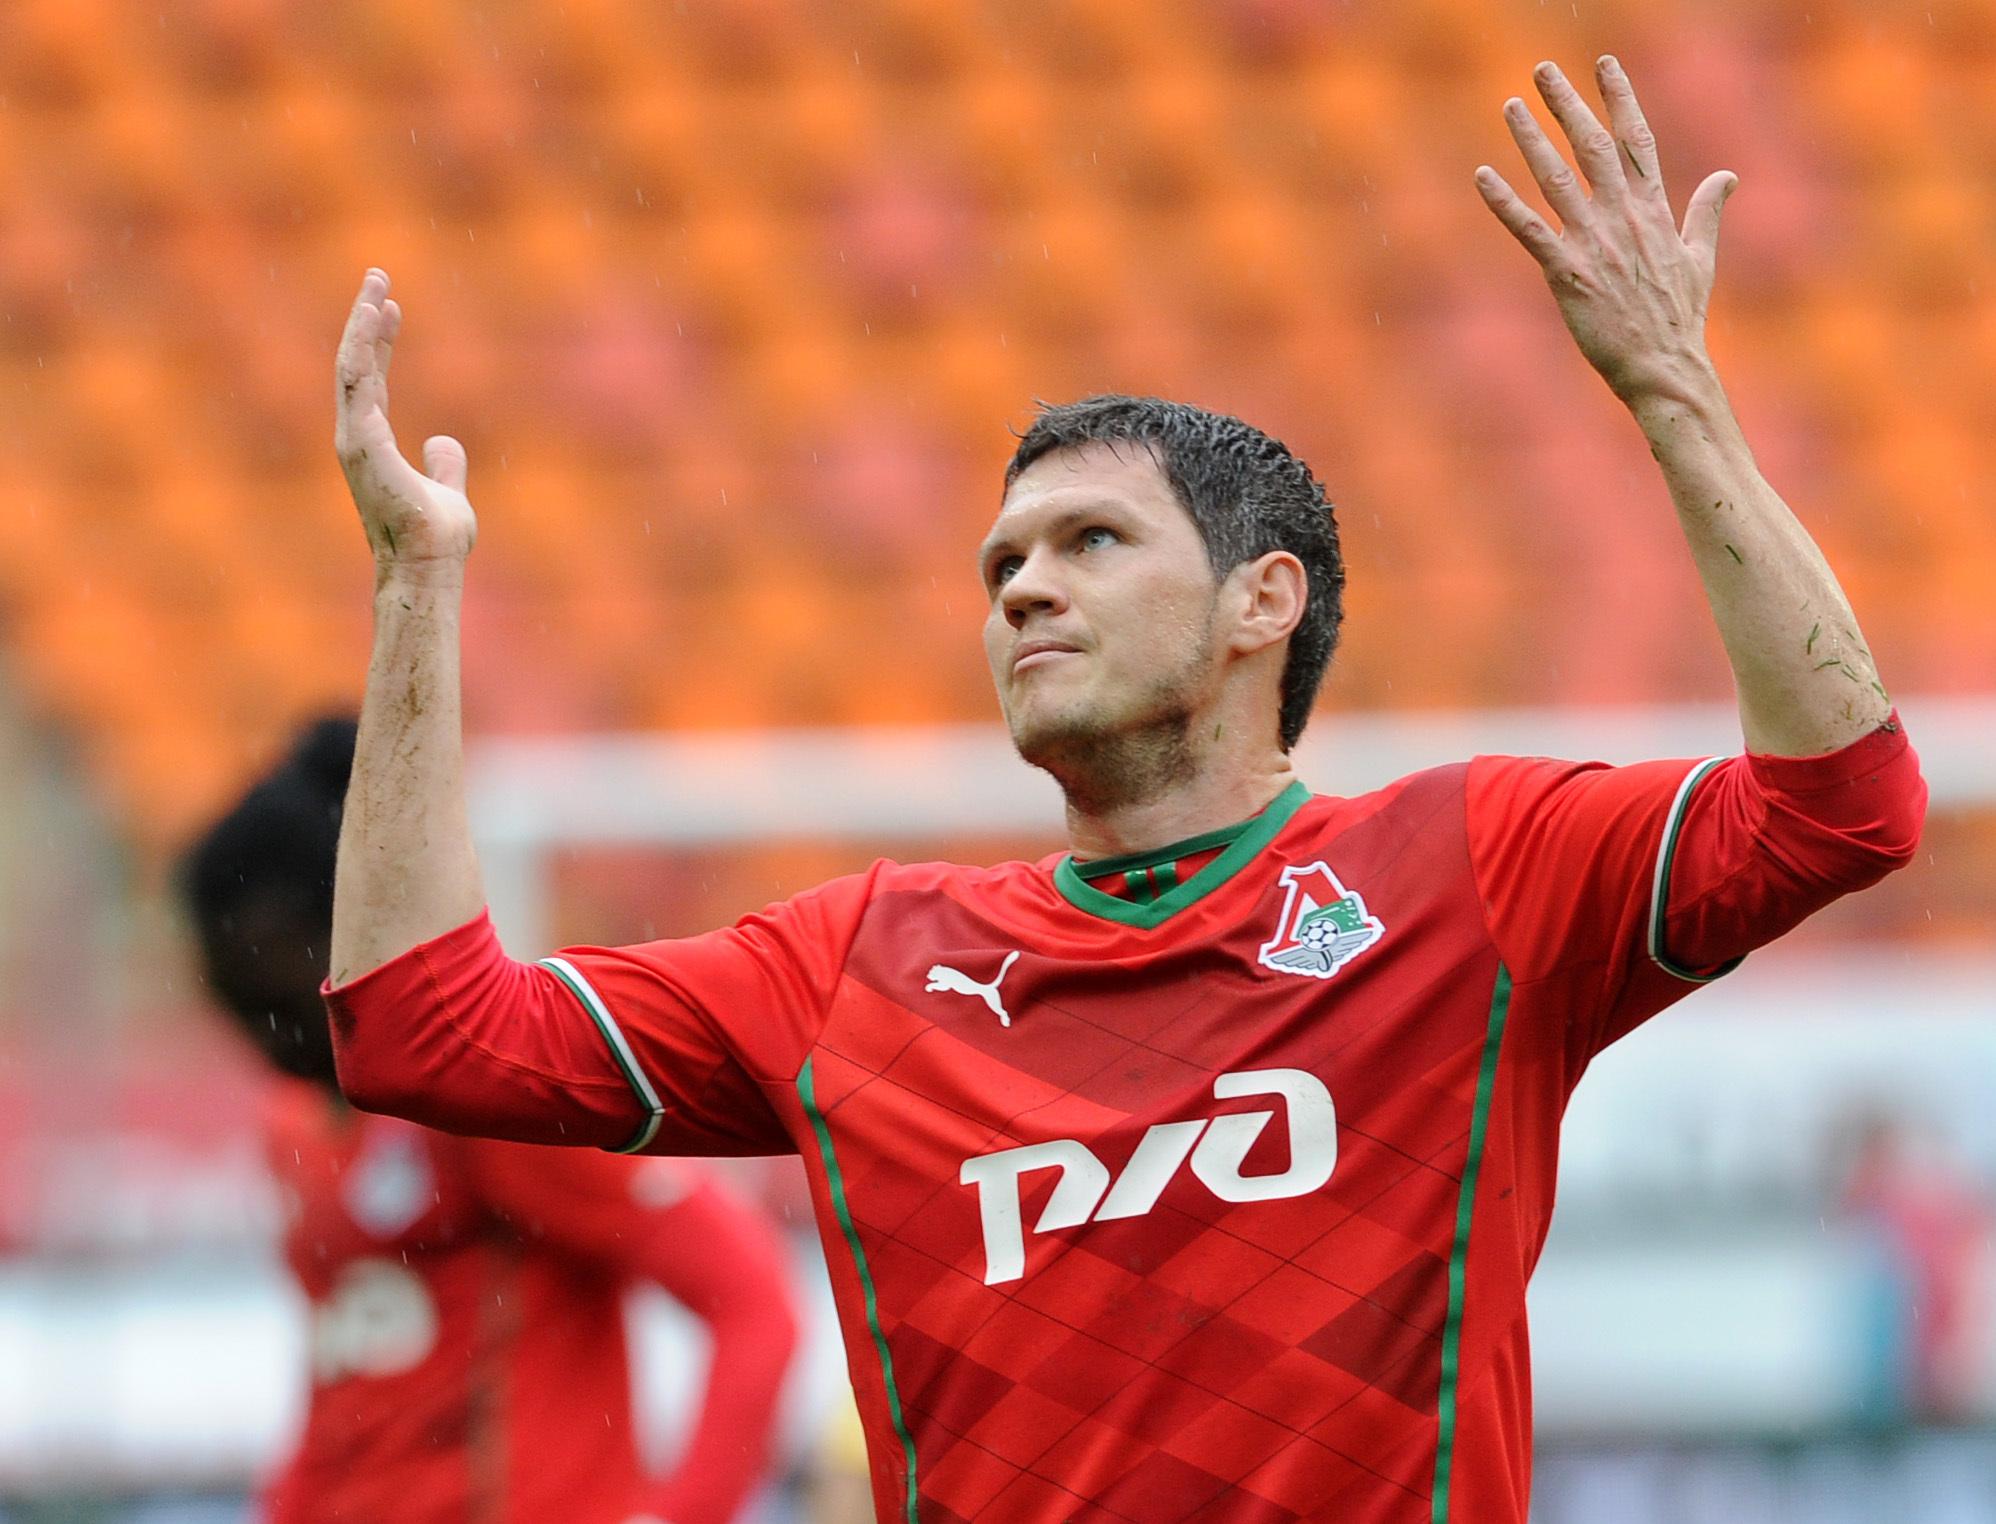 """Тарас Михалик повертається в Луцьк і може грати у """"Волині"""""""